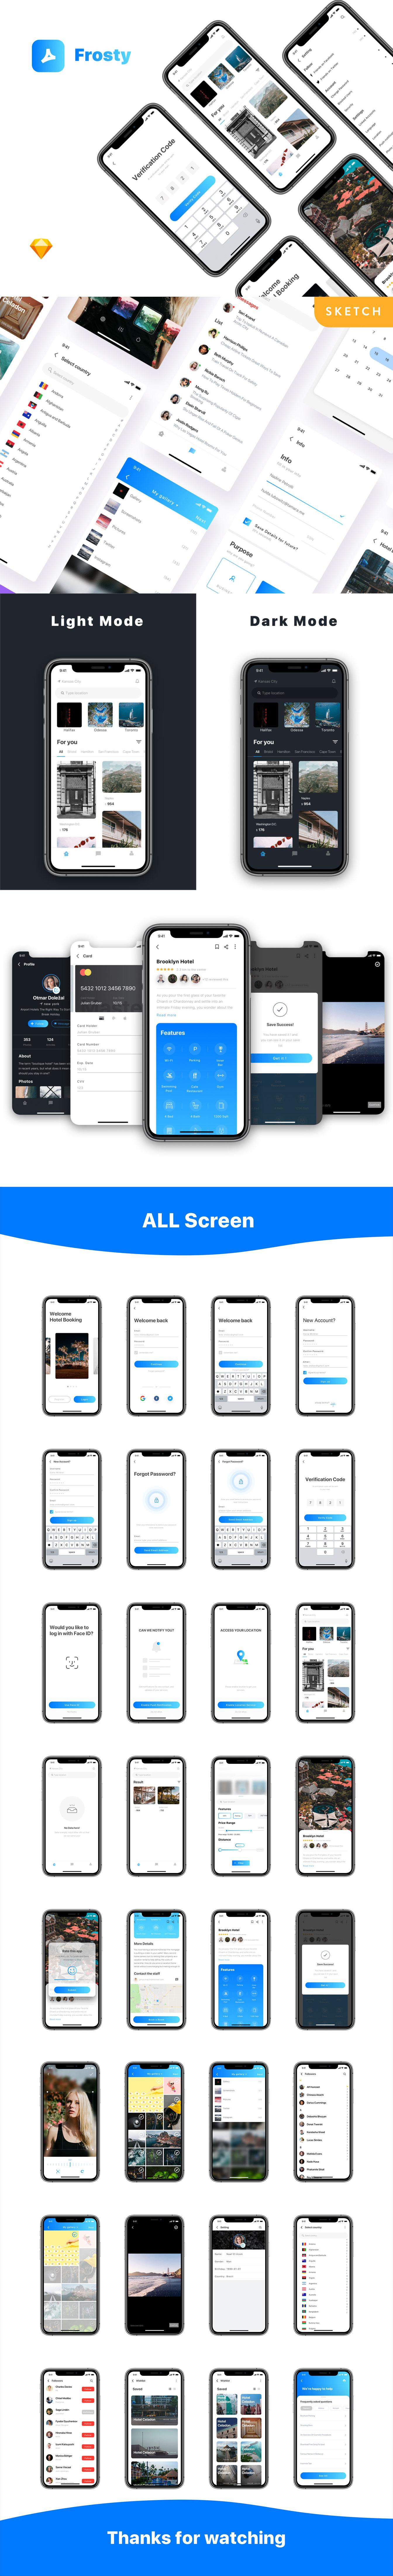 清新简单的旅行APP UI KITS下载 [Sketch]  Frosty UI Kit